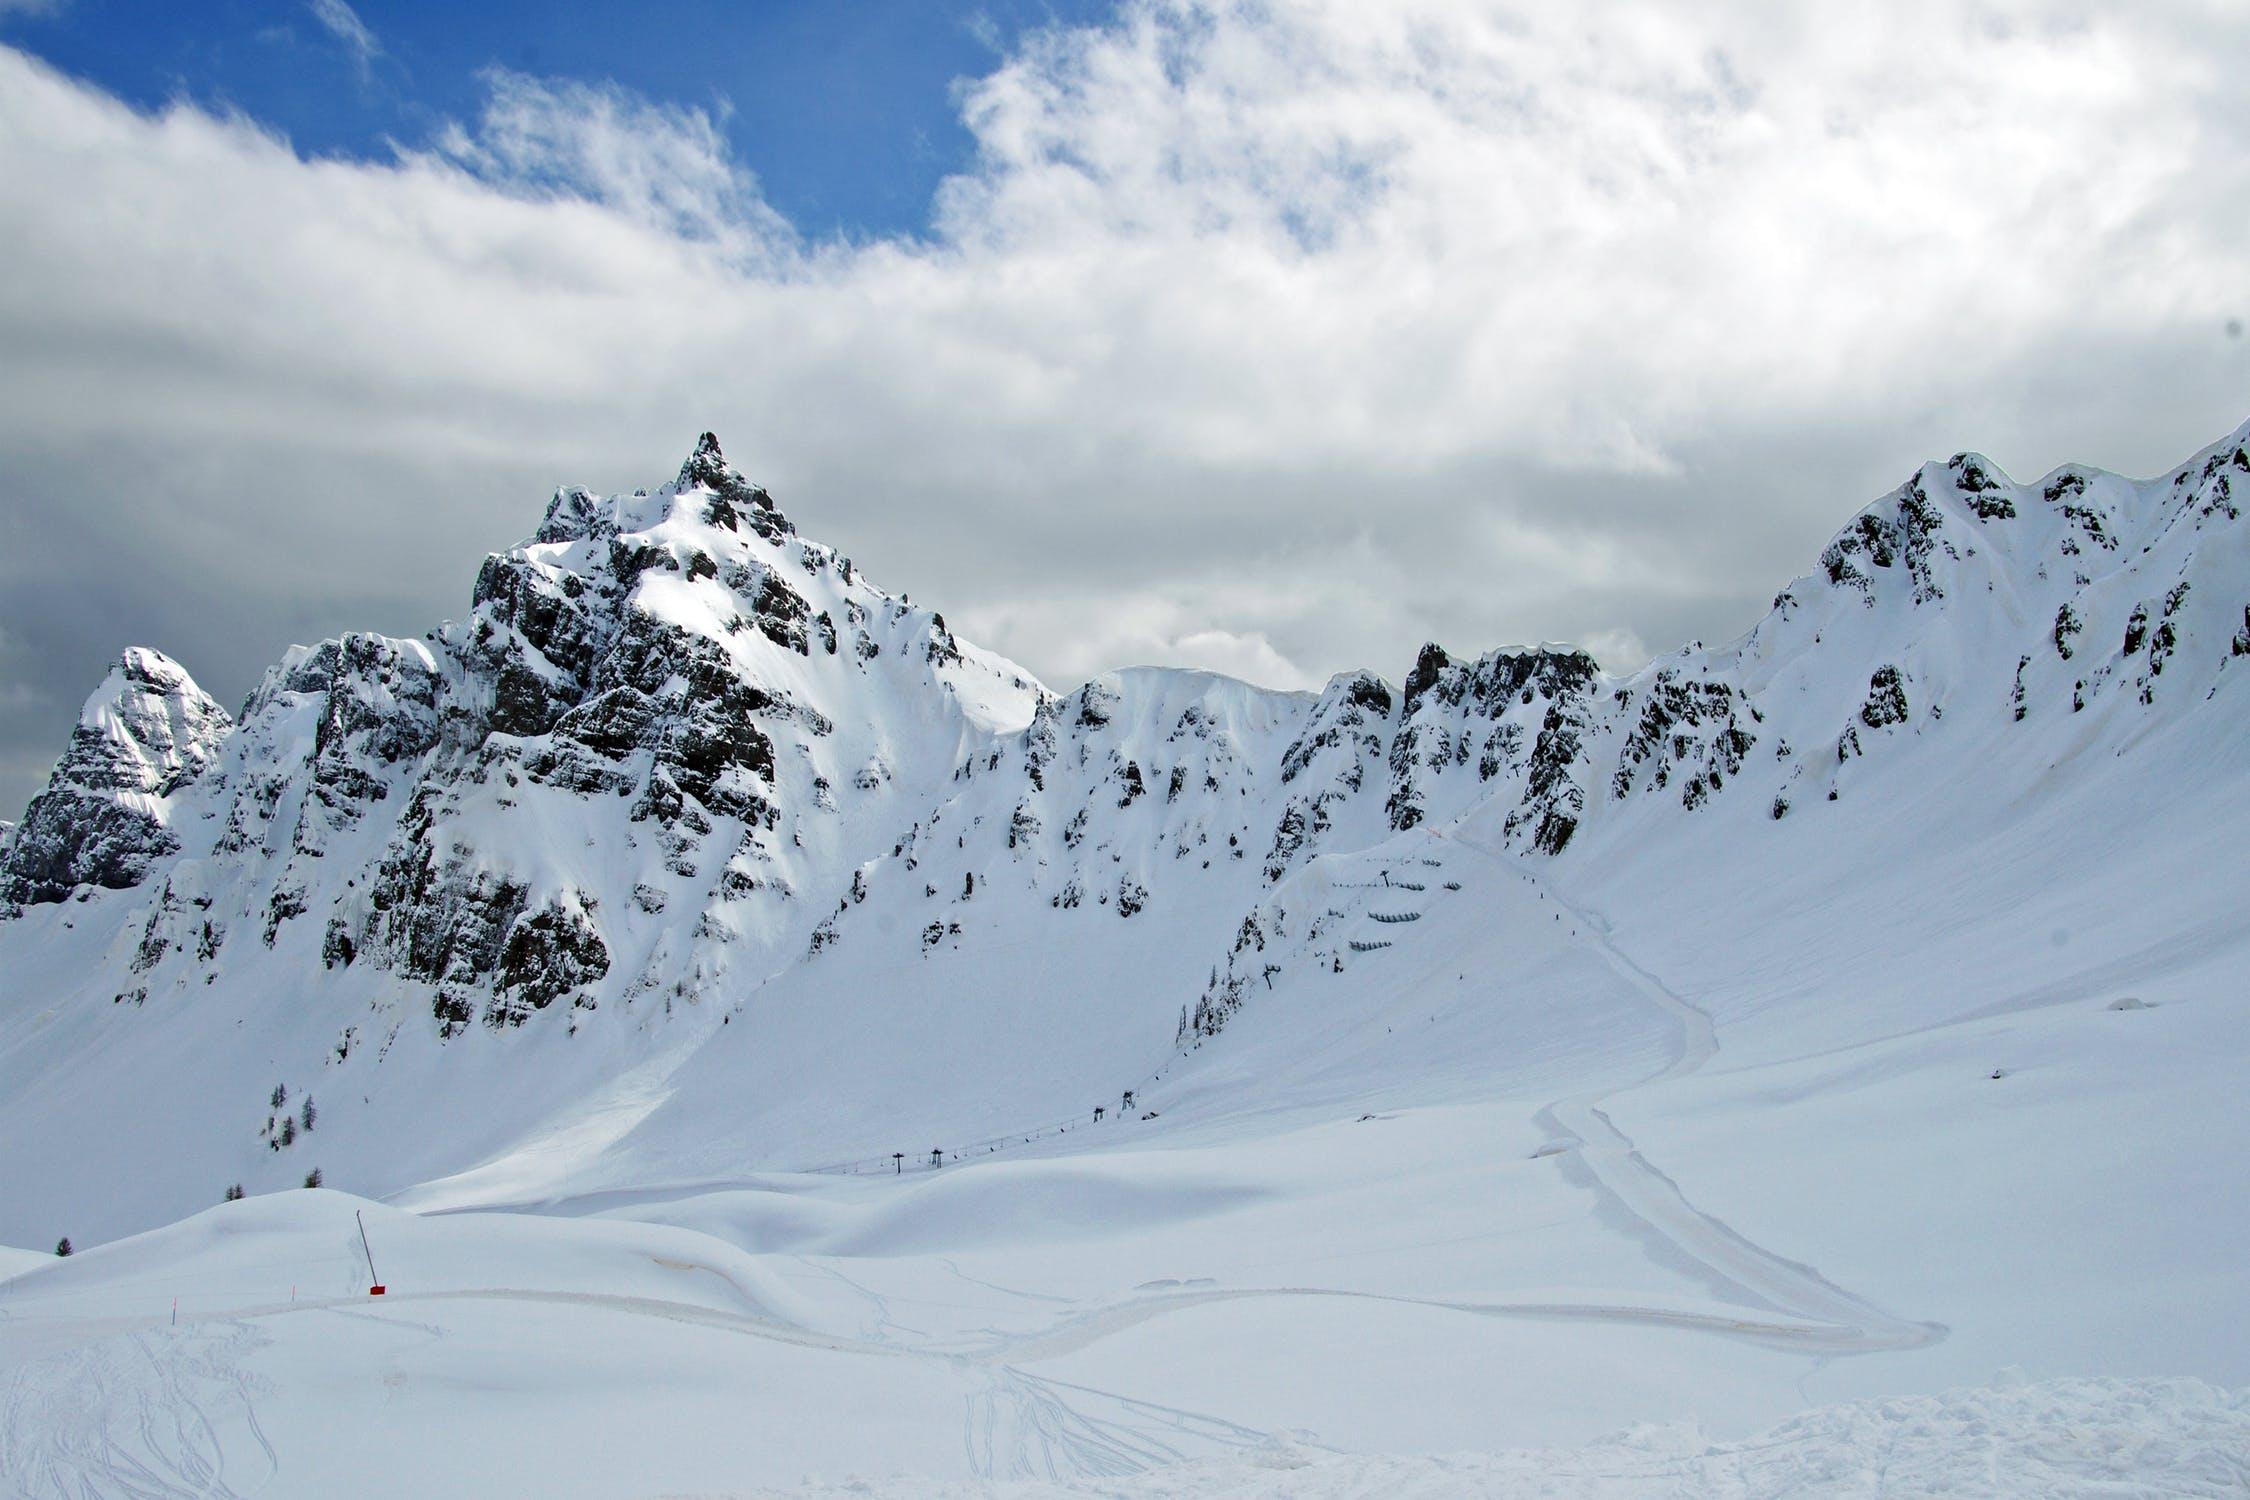 Crowd-free ski slopes